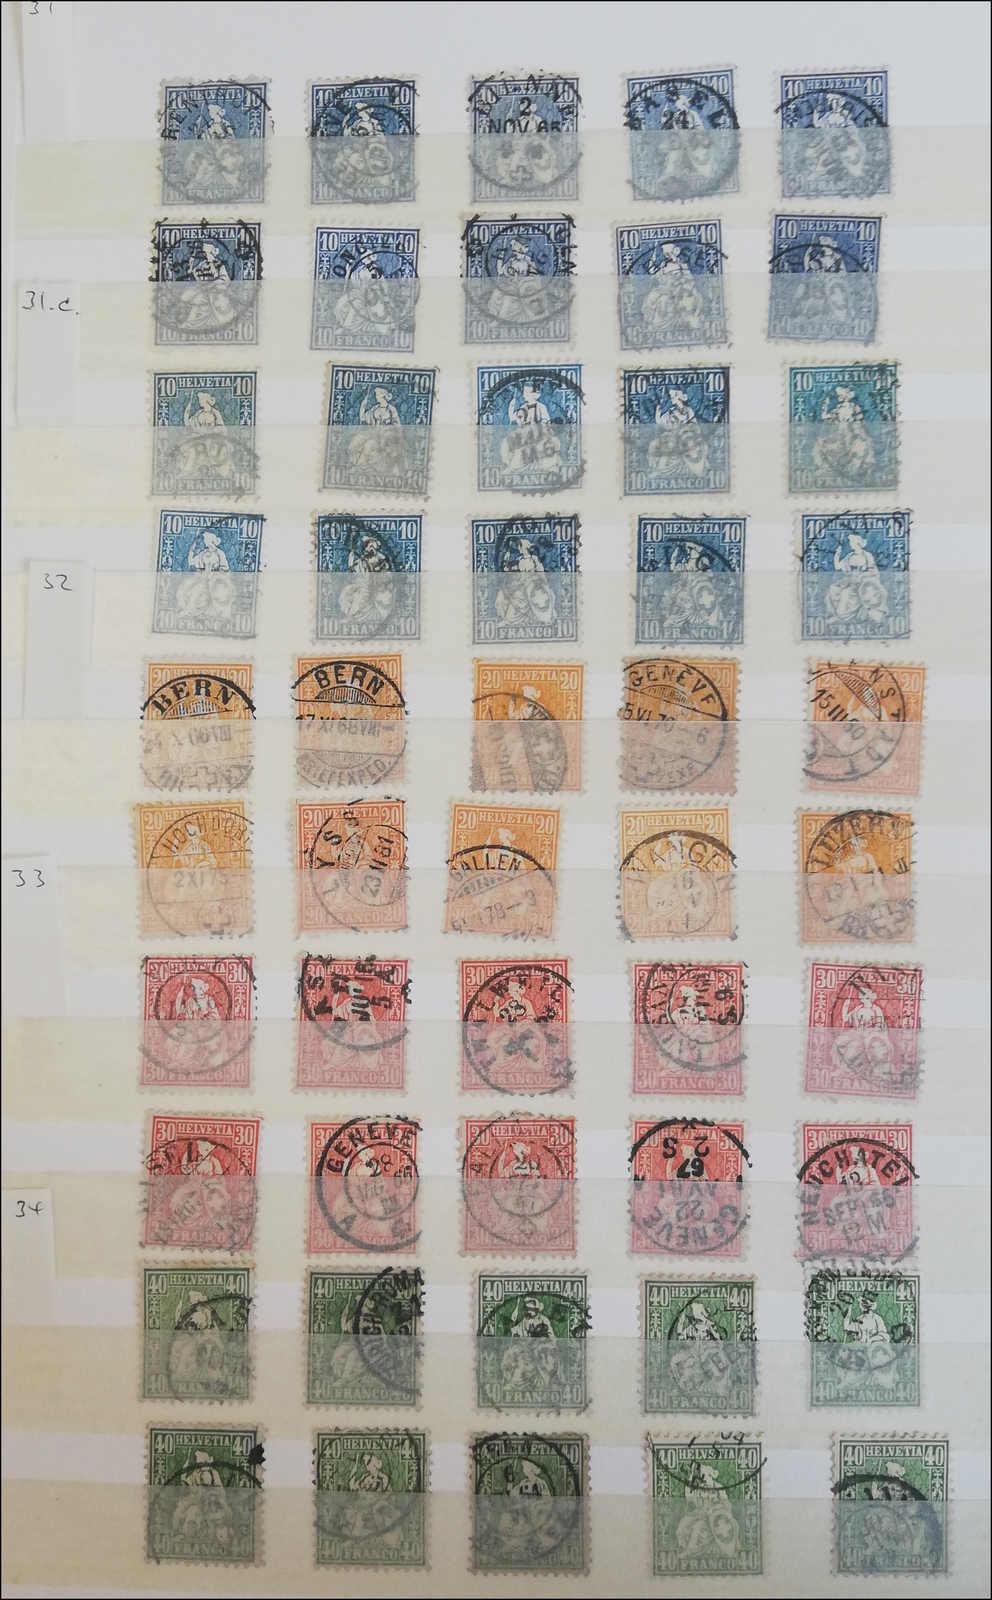 Lot 133 - schweiz schweiz -  Rolli Auctions Auction #68 Day 1